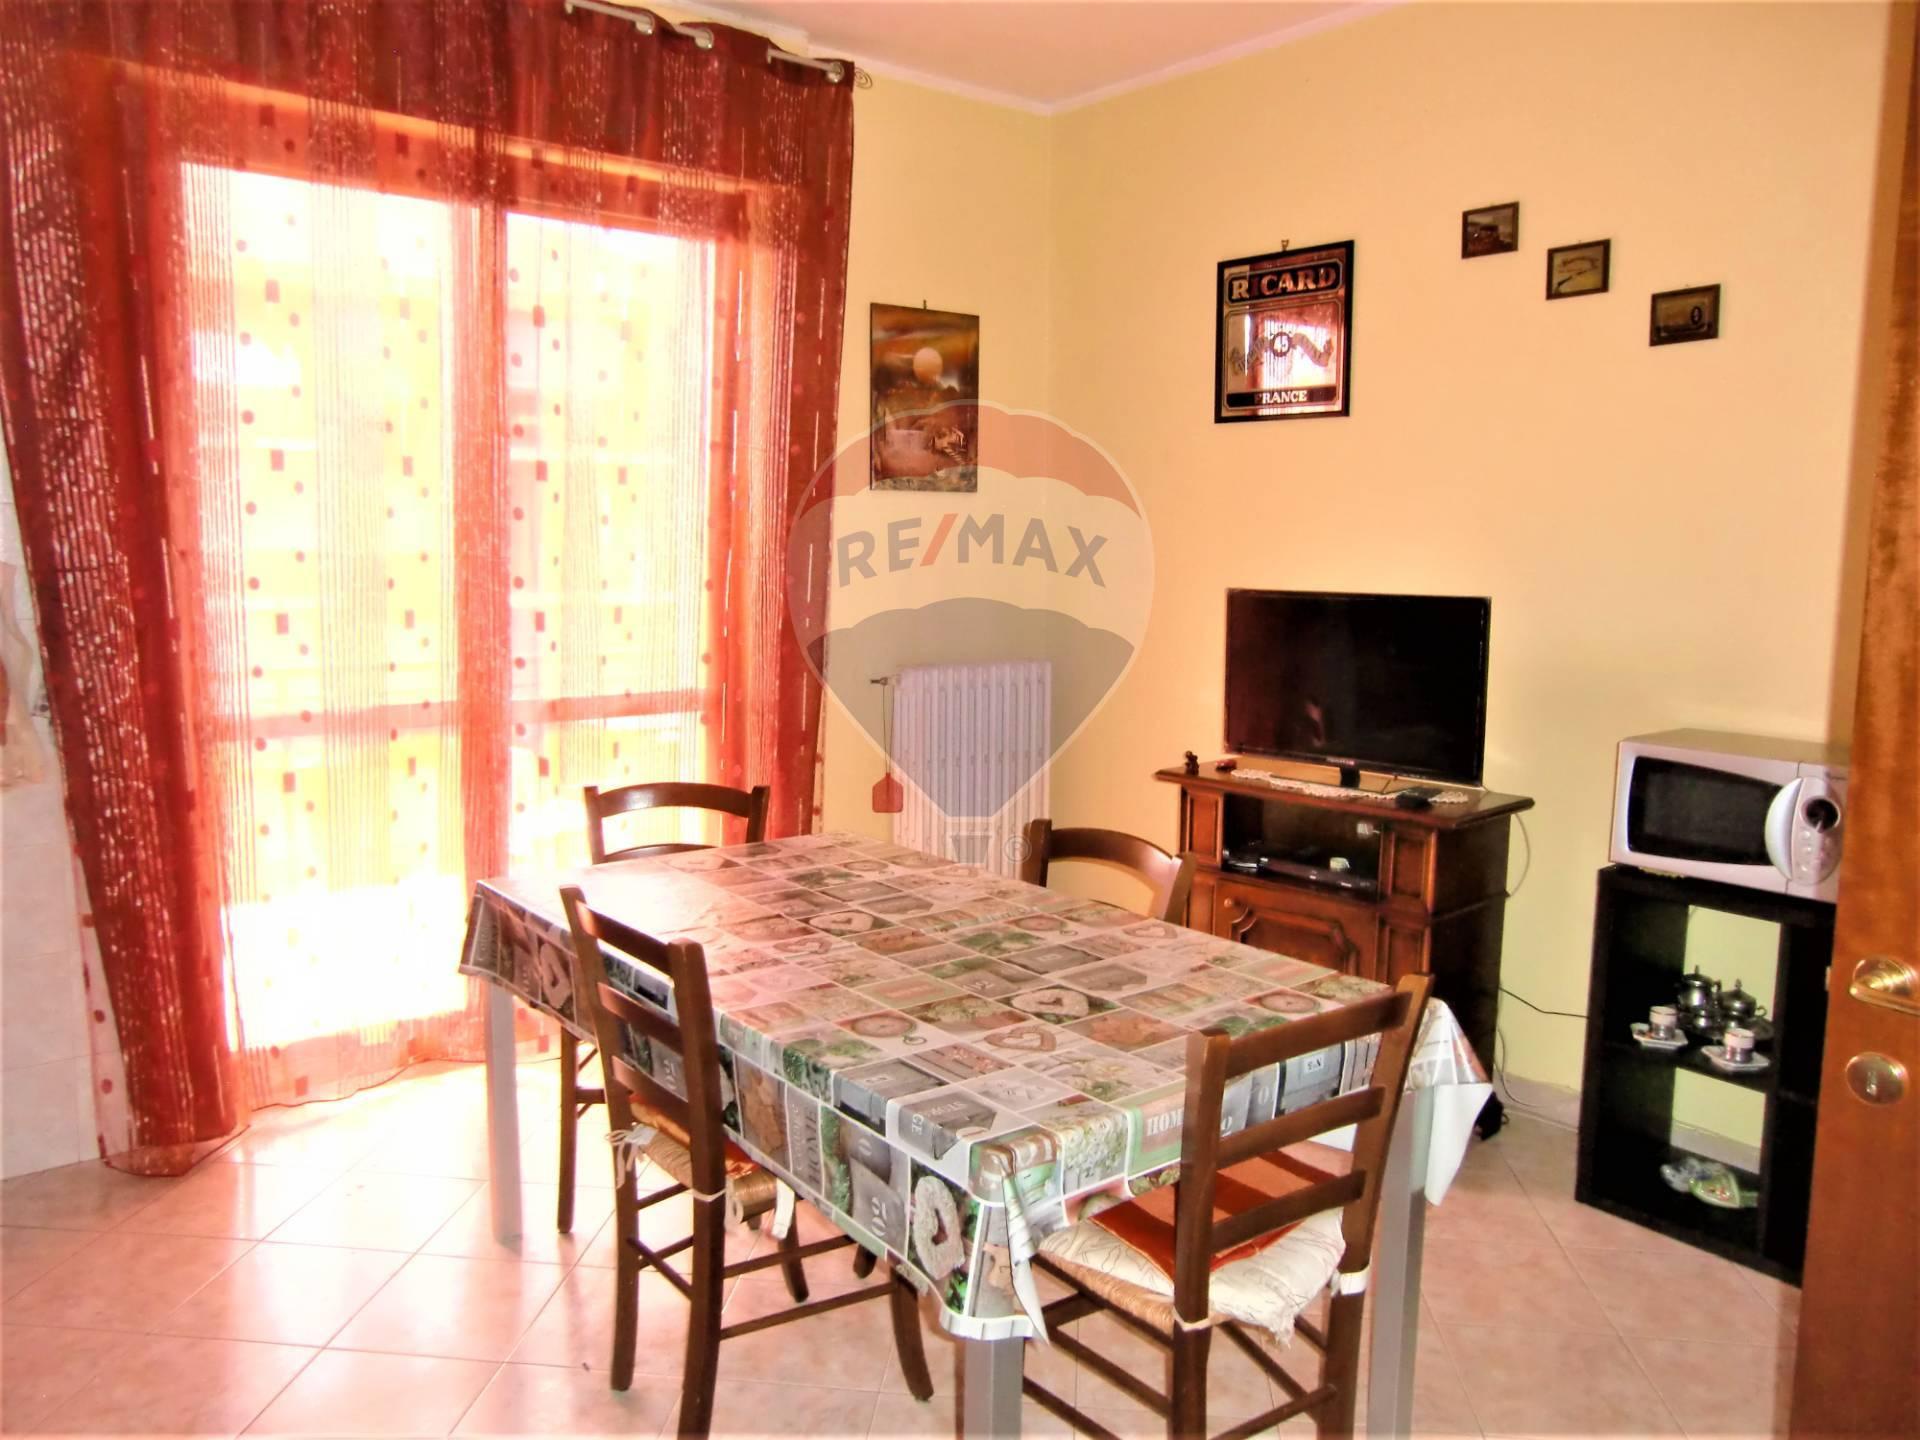 Appartamento in affitto a Caprie, 3 locali, zona Zona: Novaretto, prezzo € 400 | CambioCasa.it